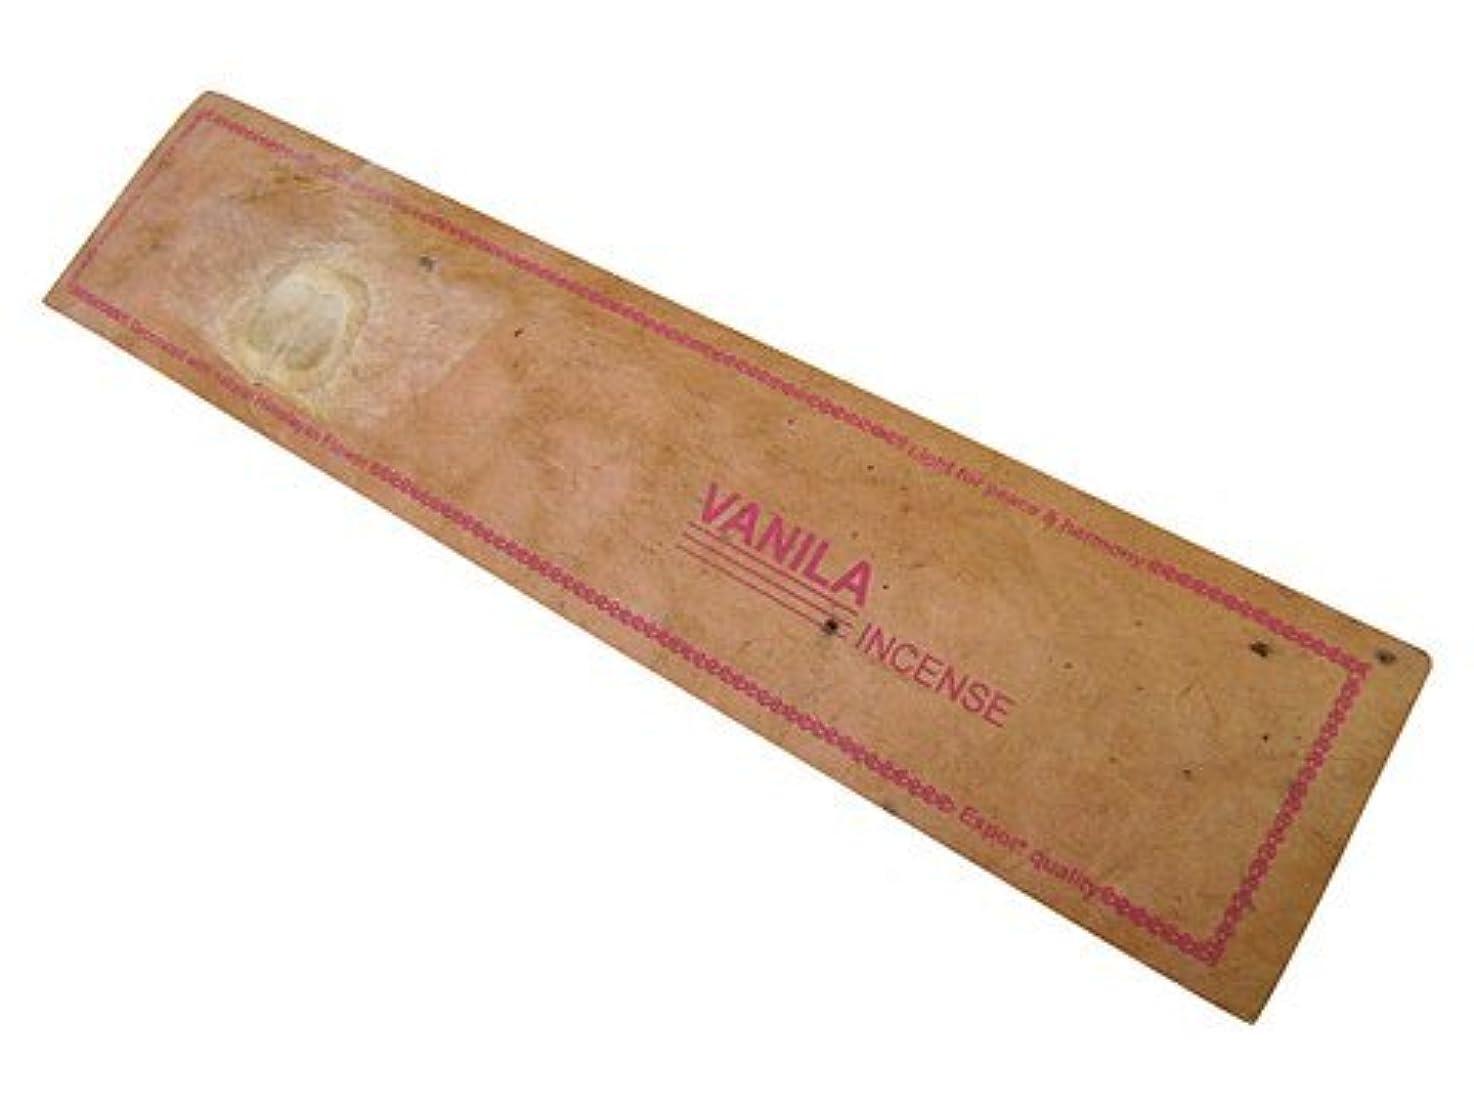 より平らな返還混合したNEPAL INCENSE ネパールのロクタ紙にヒマラヤの押し花のお香【VANILLAバニラ】 スティック